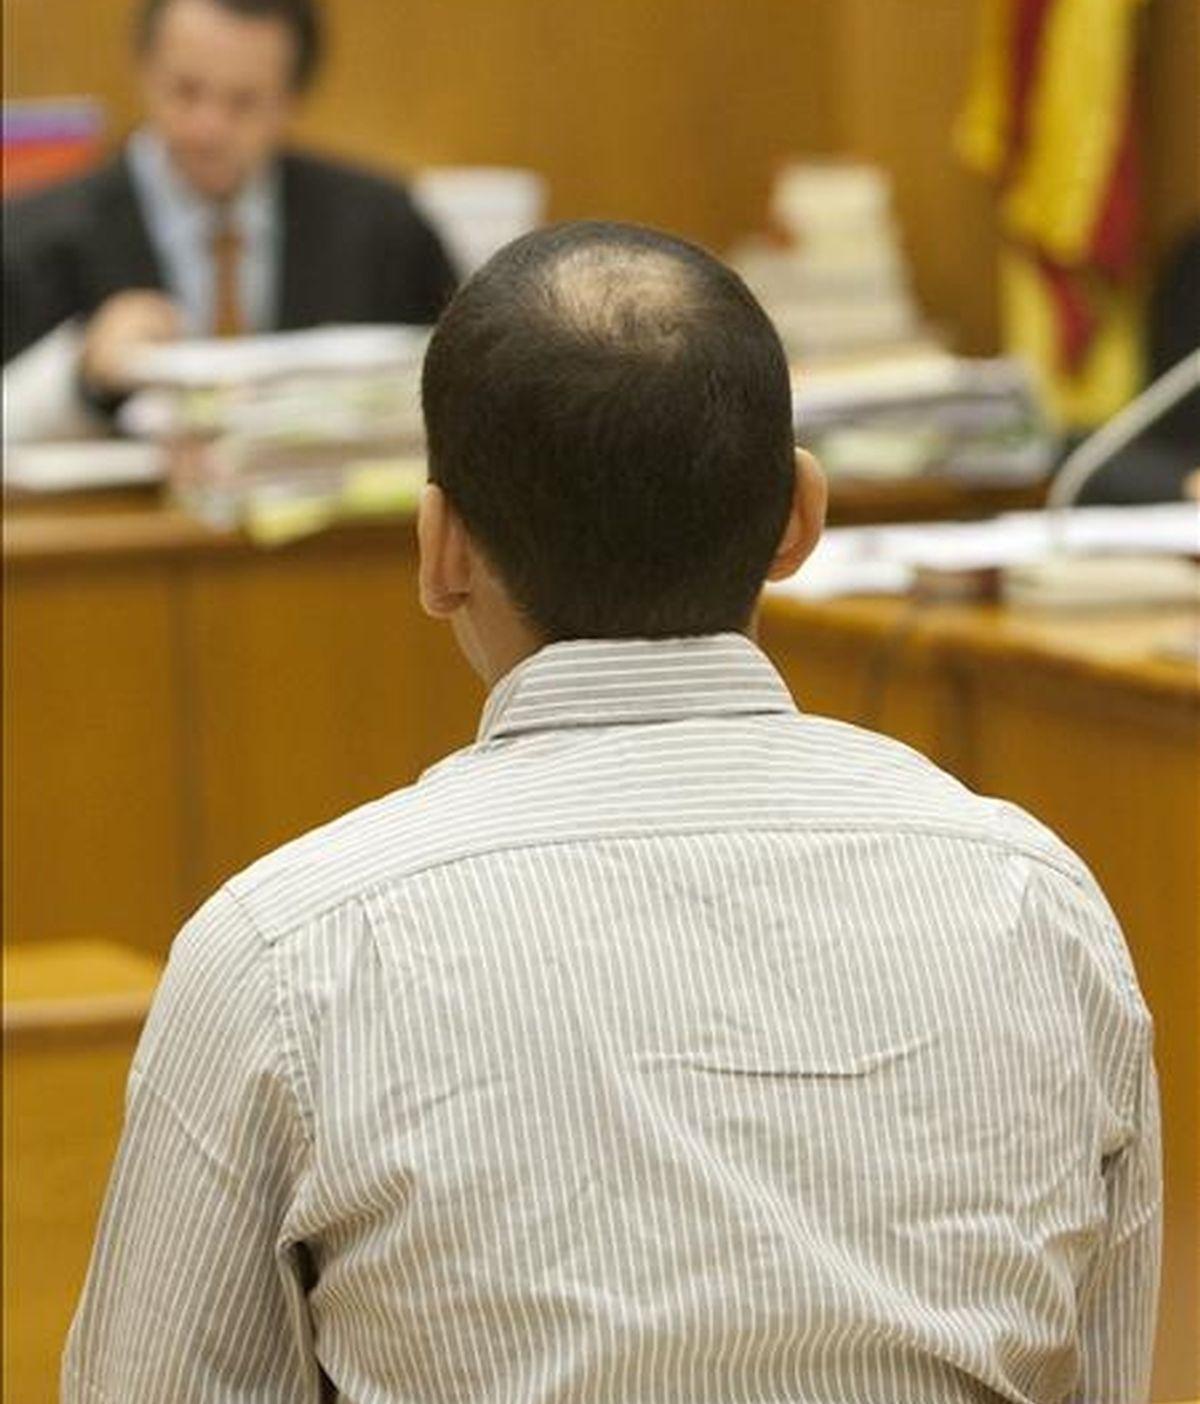 La Audiencia de Barcelona inició hoy el juicio contra Sigfredo Becerra Lozano, presuntamente acusado de haber violado en apenas diez meses a ocho mujeres, cuatro de ellas menores de edad, abordándolas en el portal de su casa. EFE